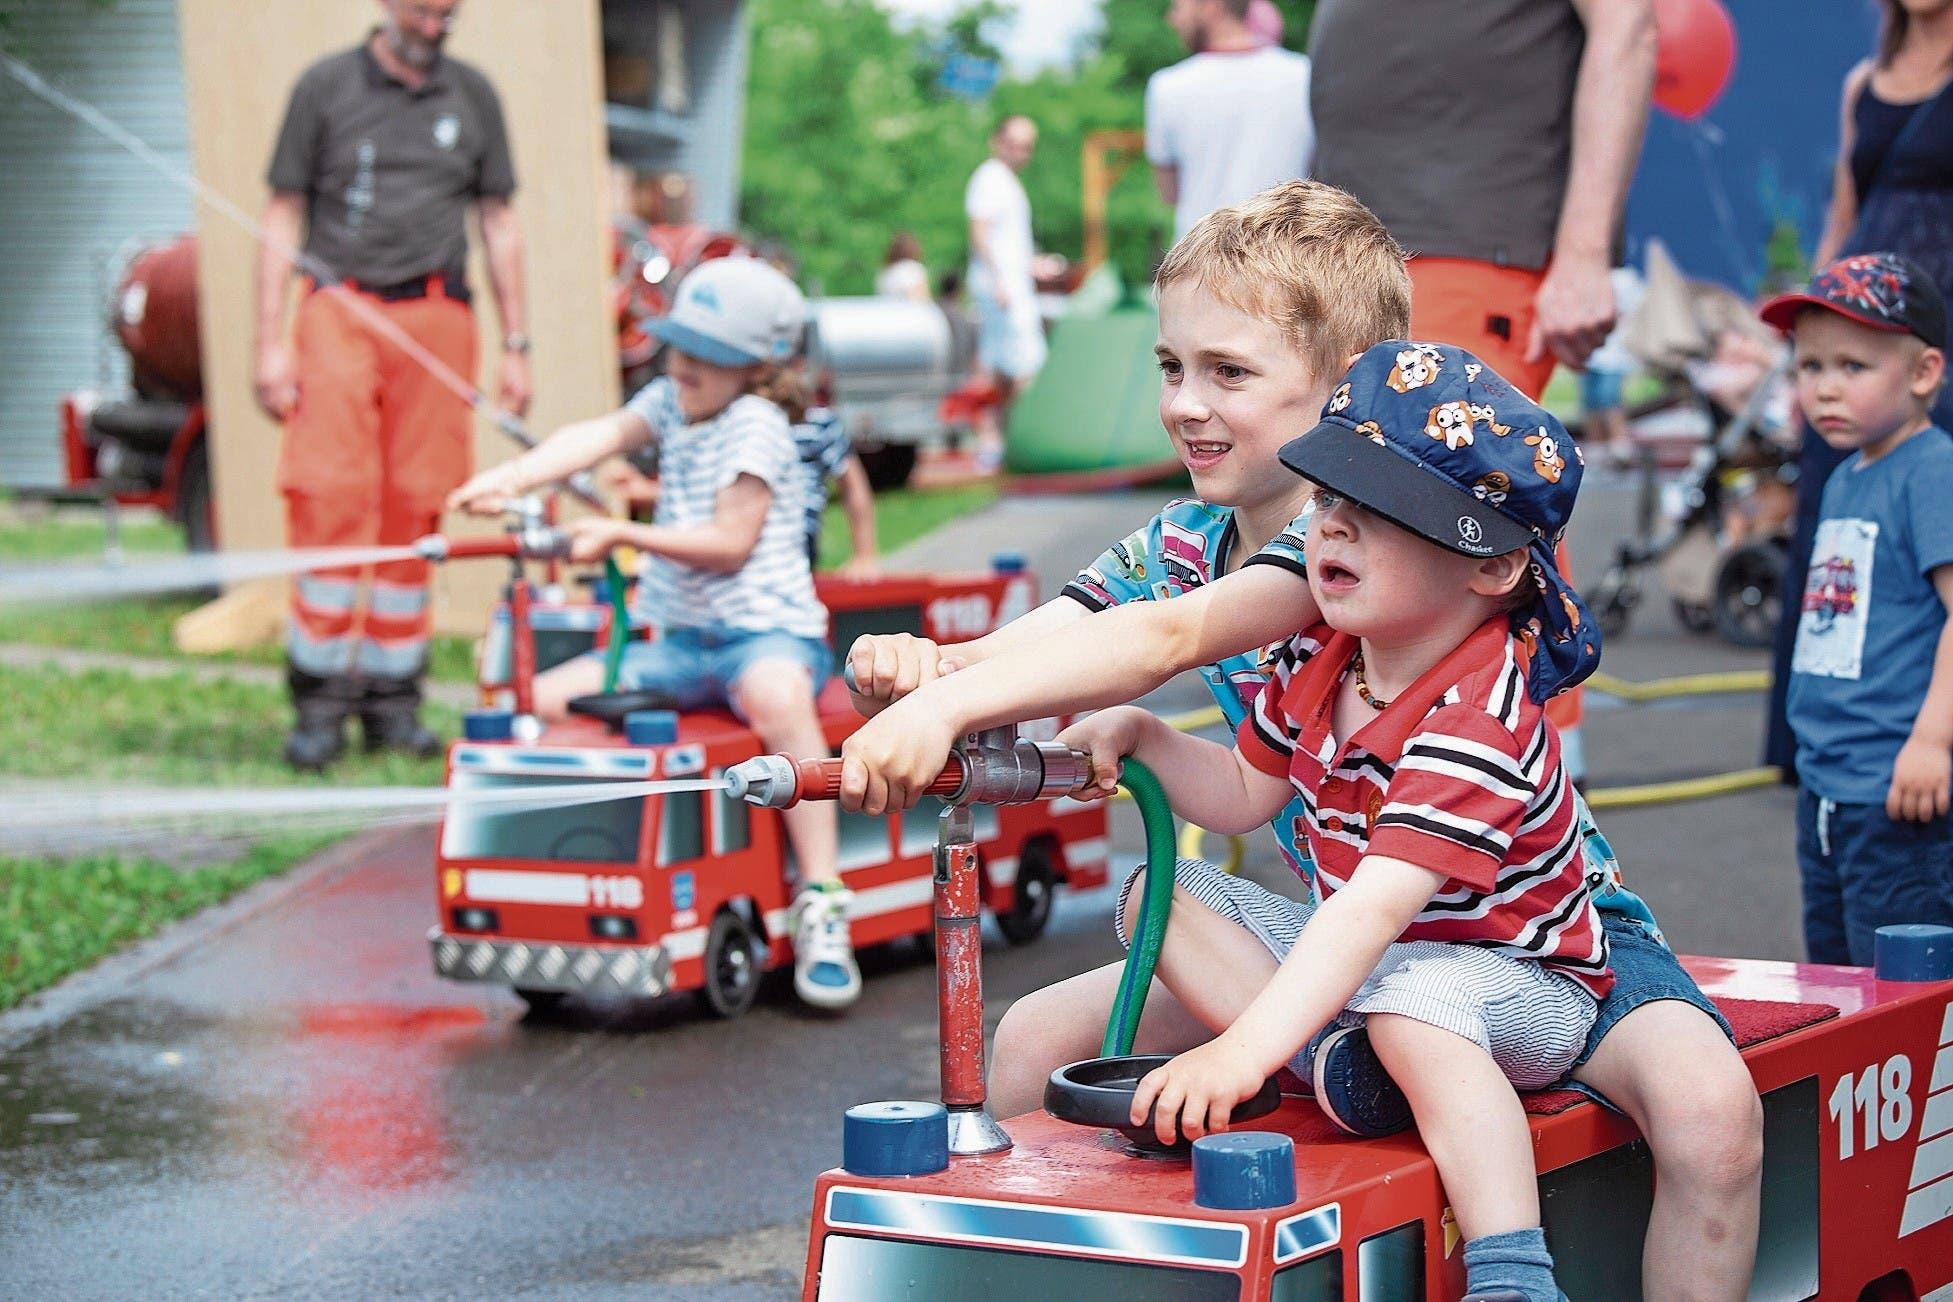 Für Nachwuchs scheint gesorgt: Kinder geniessen Löschfahrzeuge am Tag der offenen Tür der Stützpunktfeuerwehr. (Bild: Edi Ettlin (26. Mai 2018))